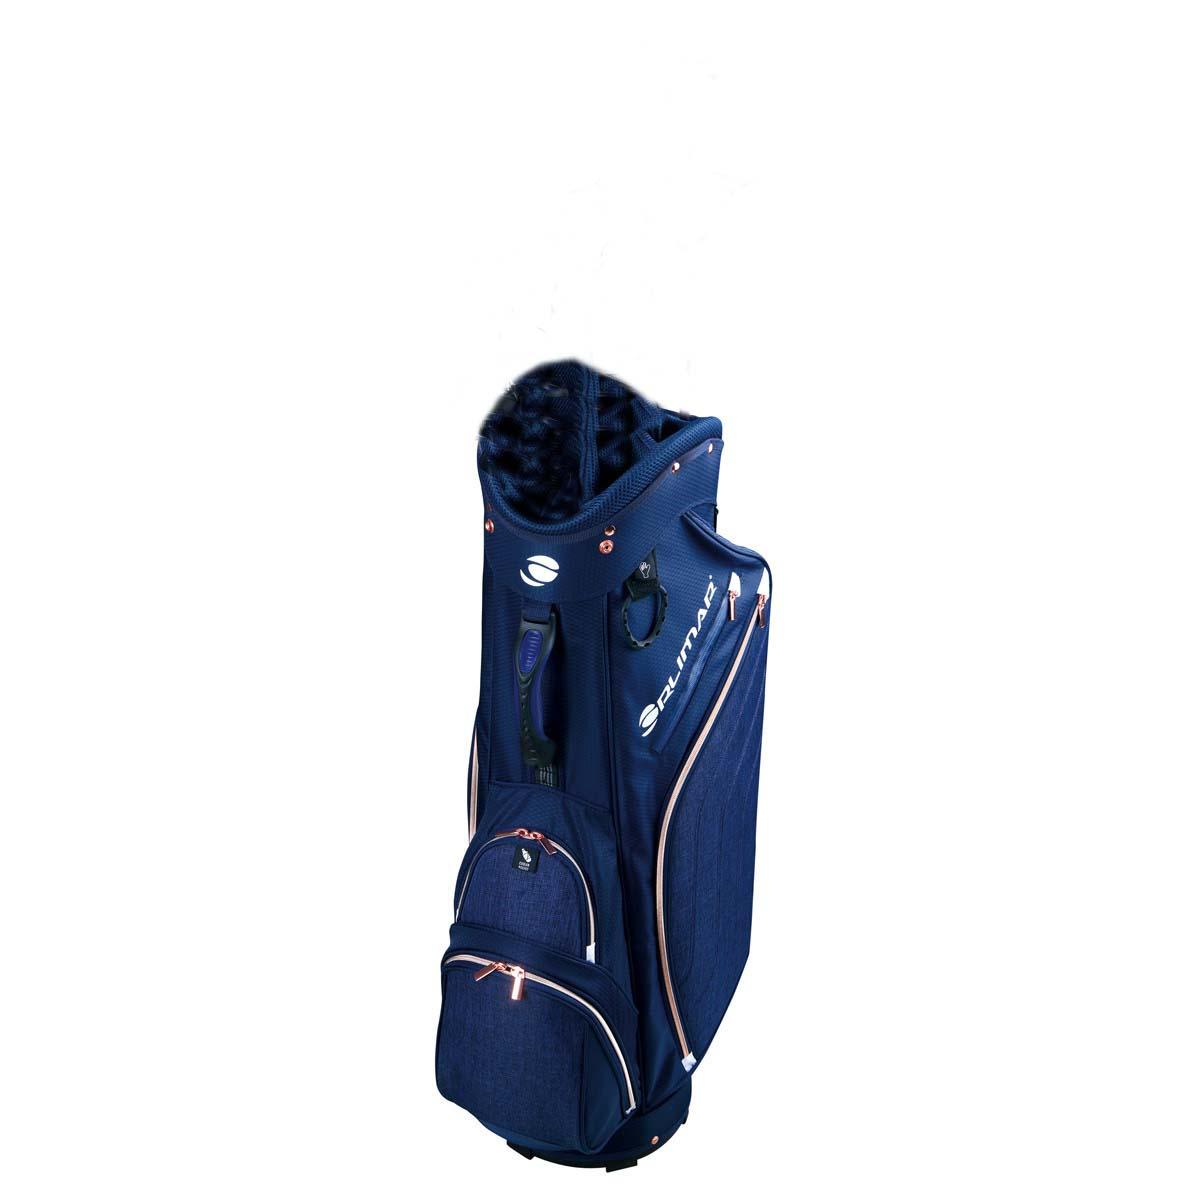 Orlimar Allante Womens Golf Bag